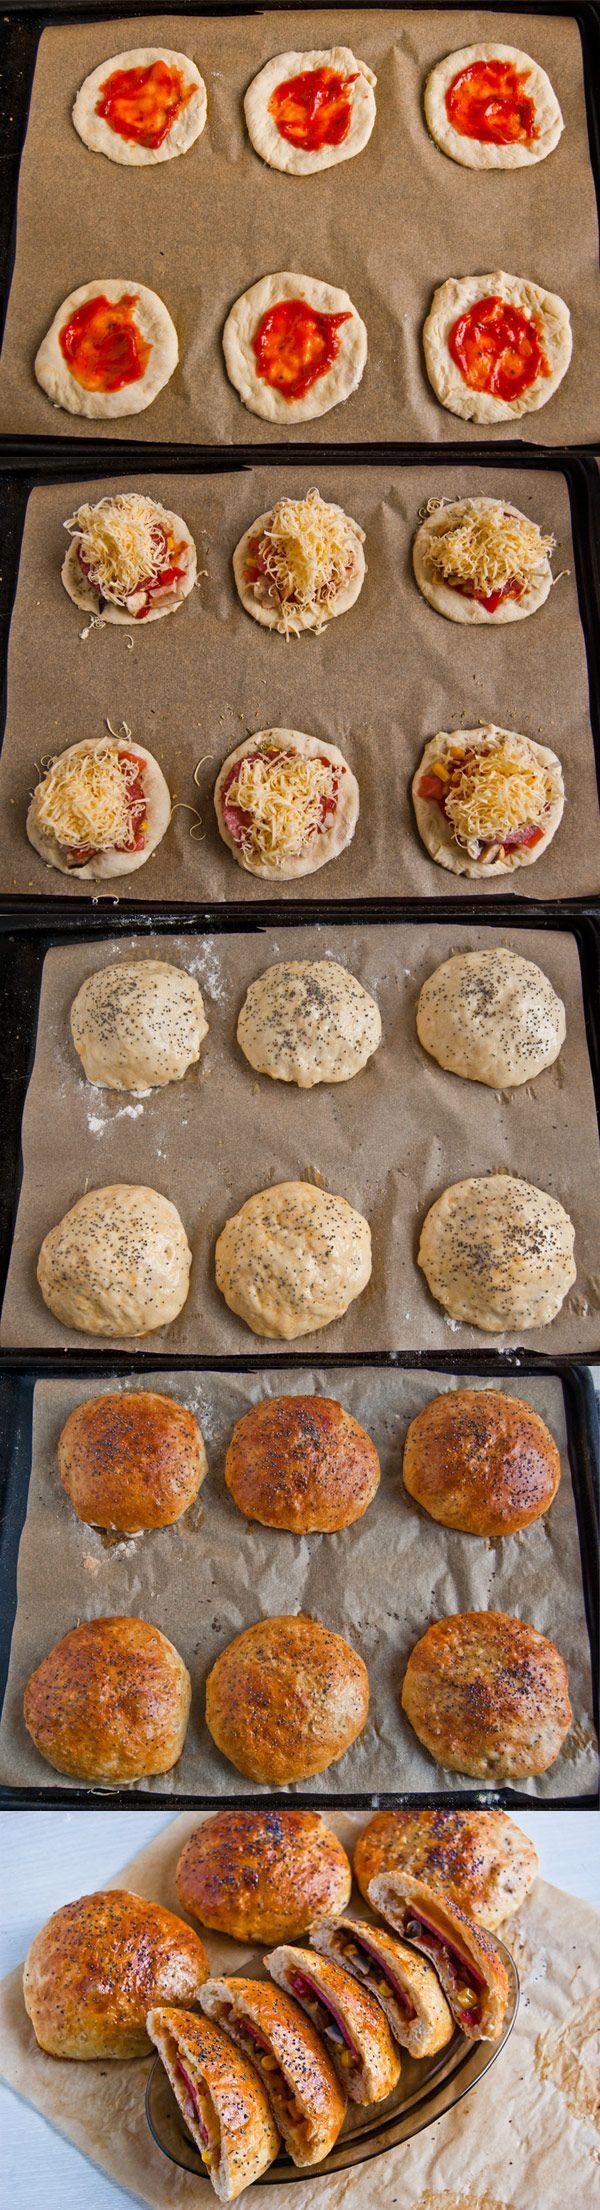 Bułki pizza to świetny pomysł na śniadanie do pracy czy szkoły. Połączenie które pewnie wielu zaciekawi.